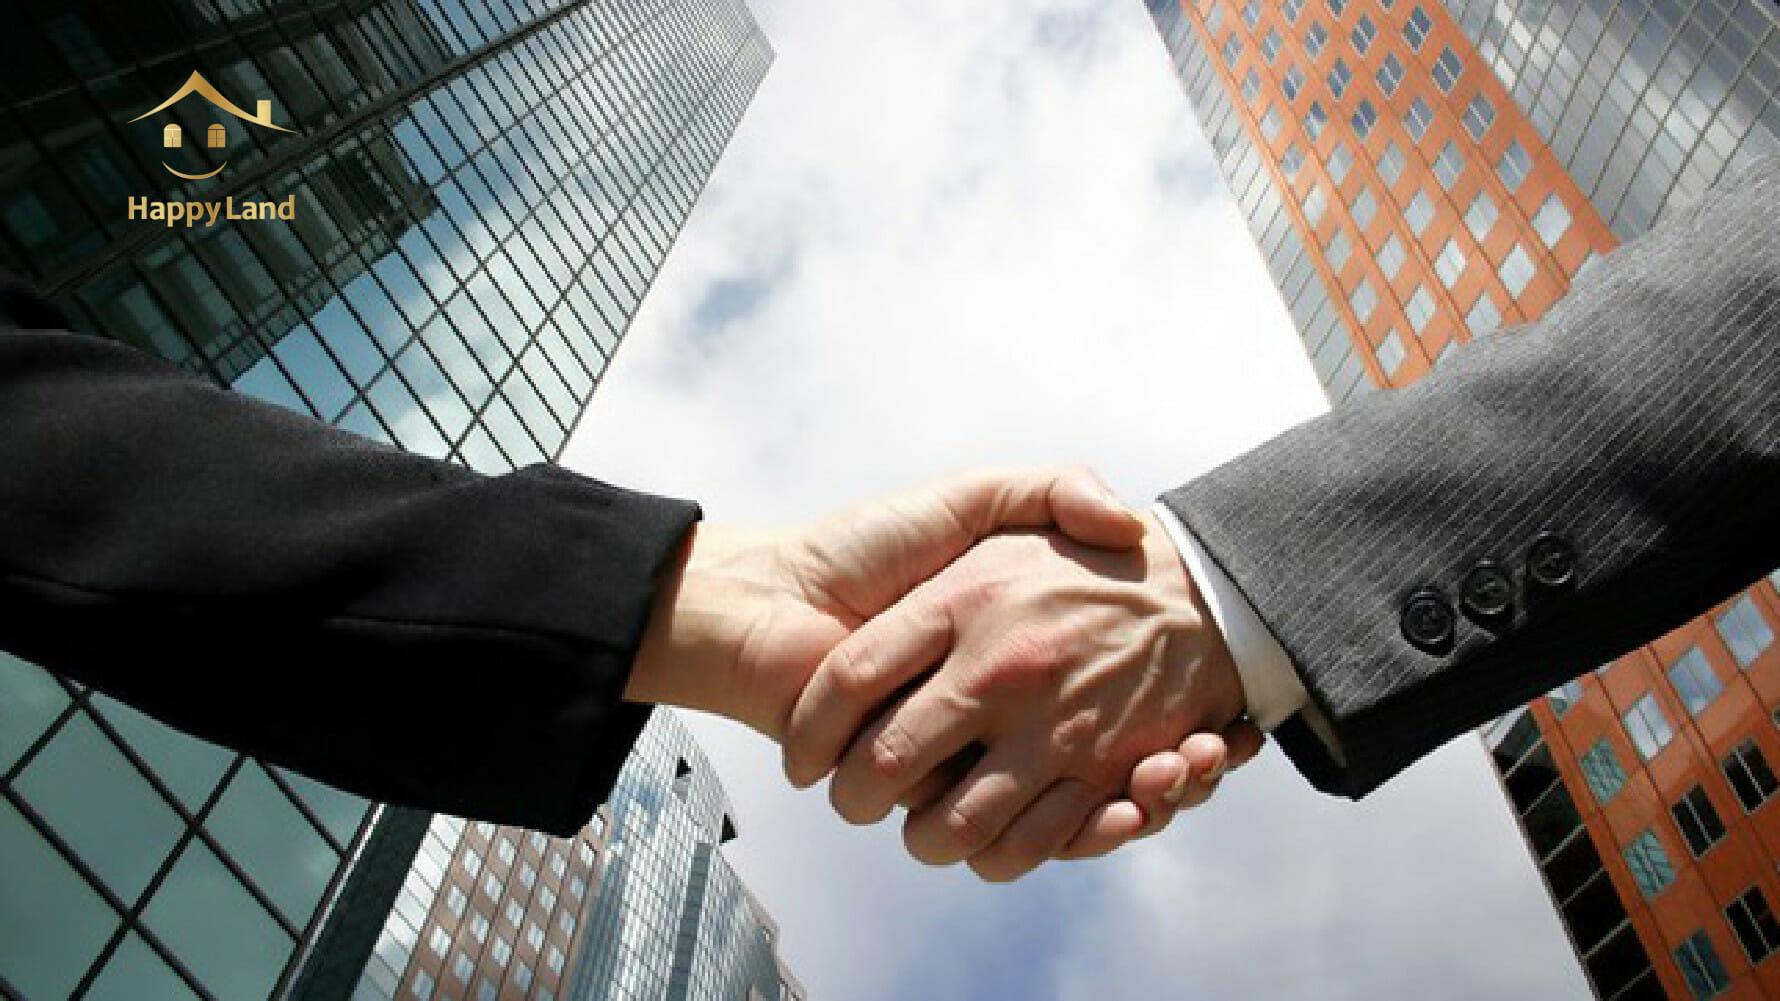 Chọn chủ đầu tư uy tín khi mua nhà chung cư, đây là nguyên tắc quan trọng nhất khi mua nhà chung cư